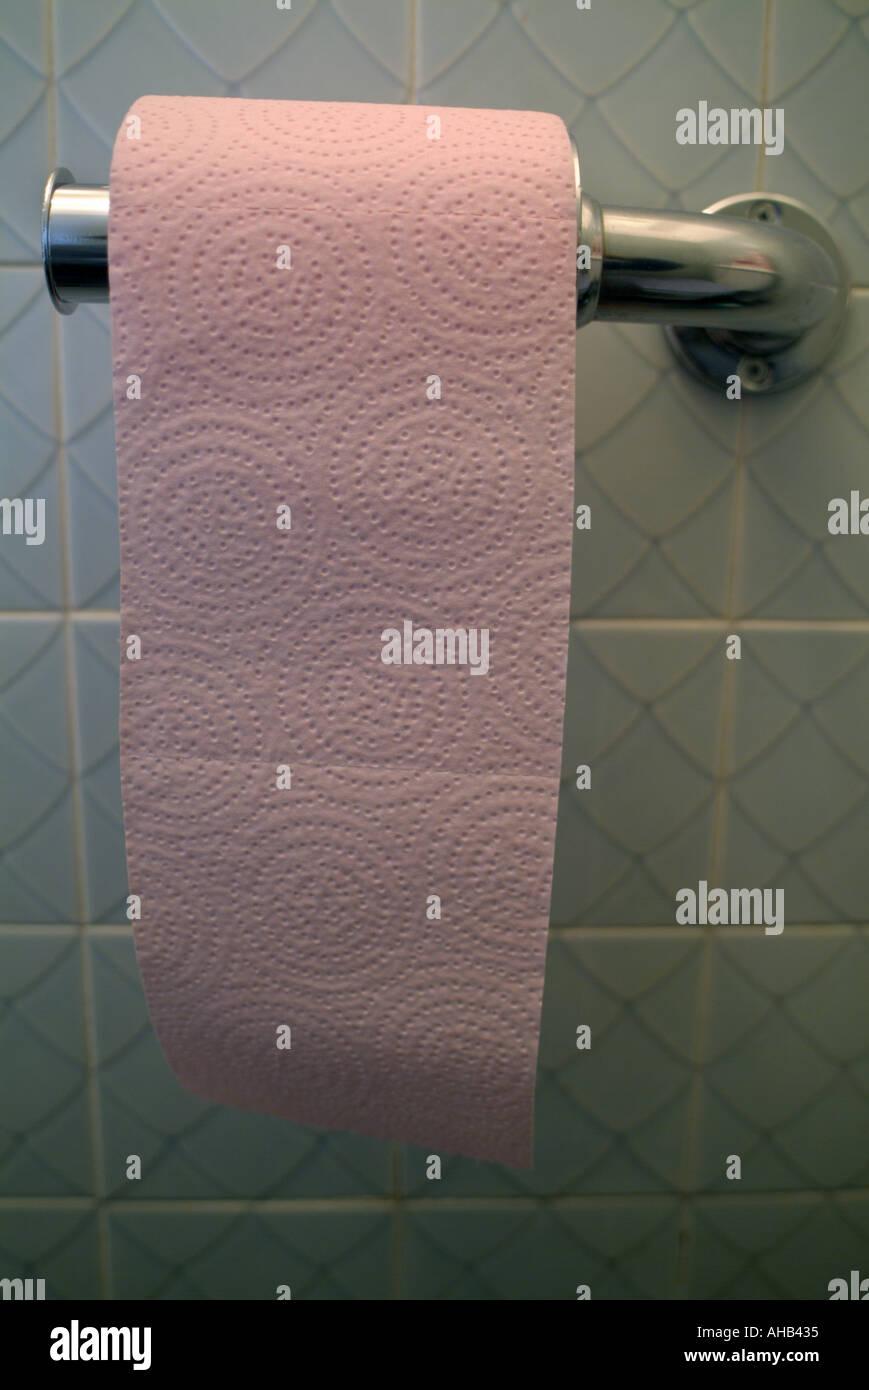 Rosa de rollo de papel higiénico en el baño. Imagen De Stock